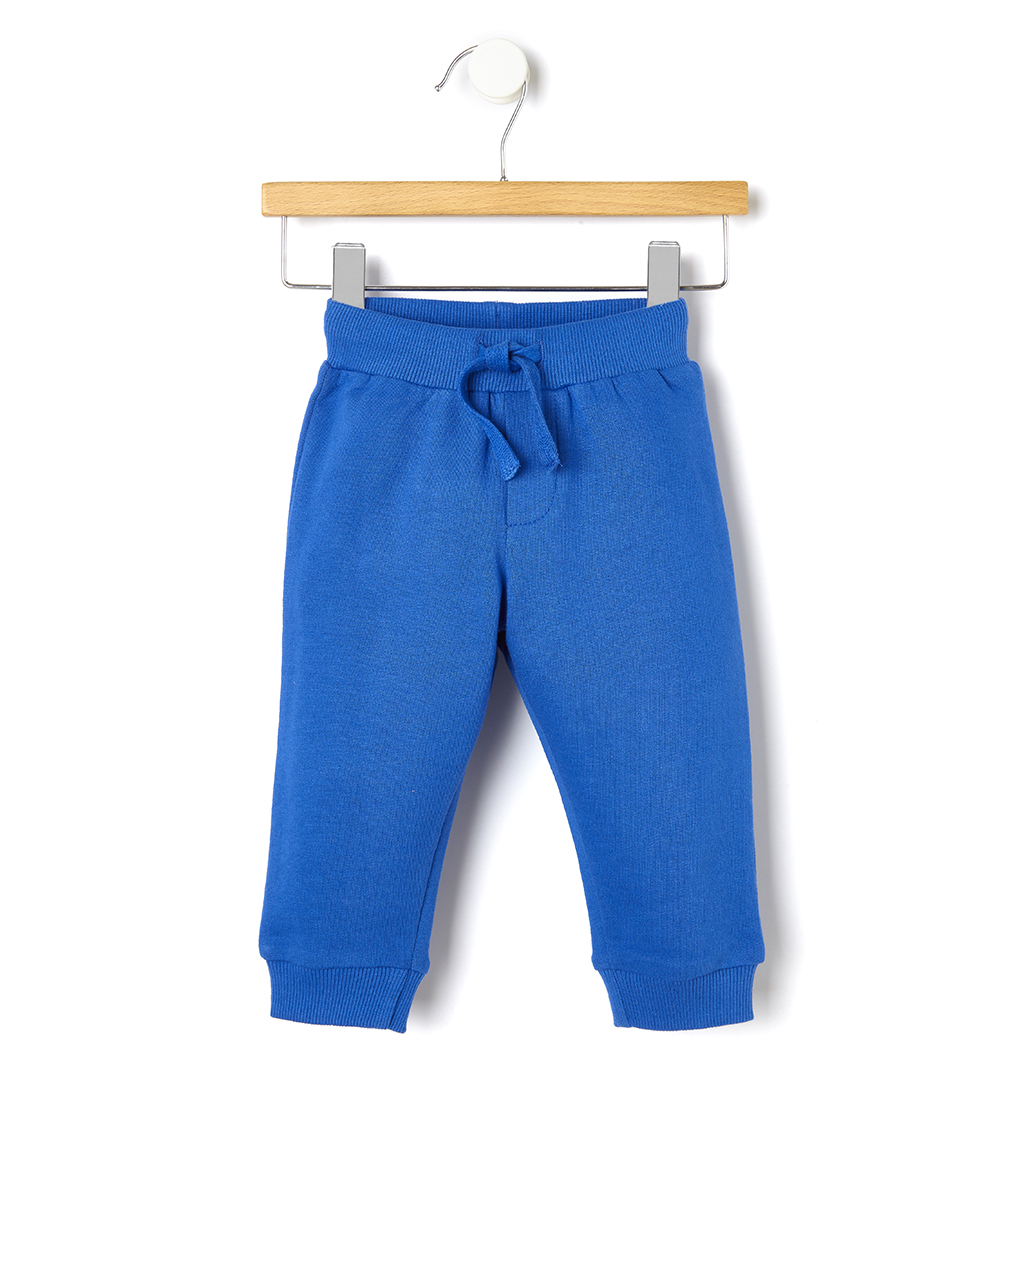 Παντελόνι σε ΦΑρδιά Γραμμή Μπλε για Αγόρι